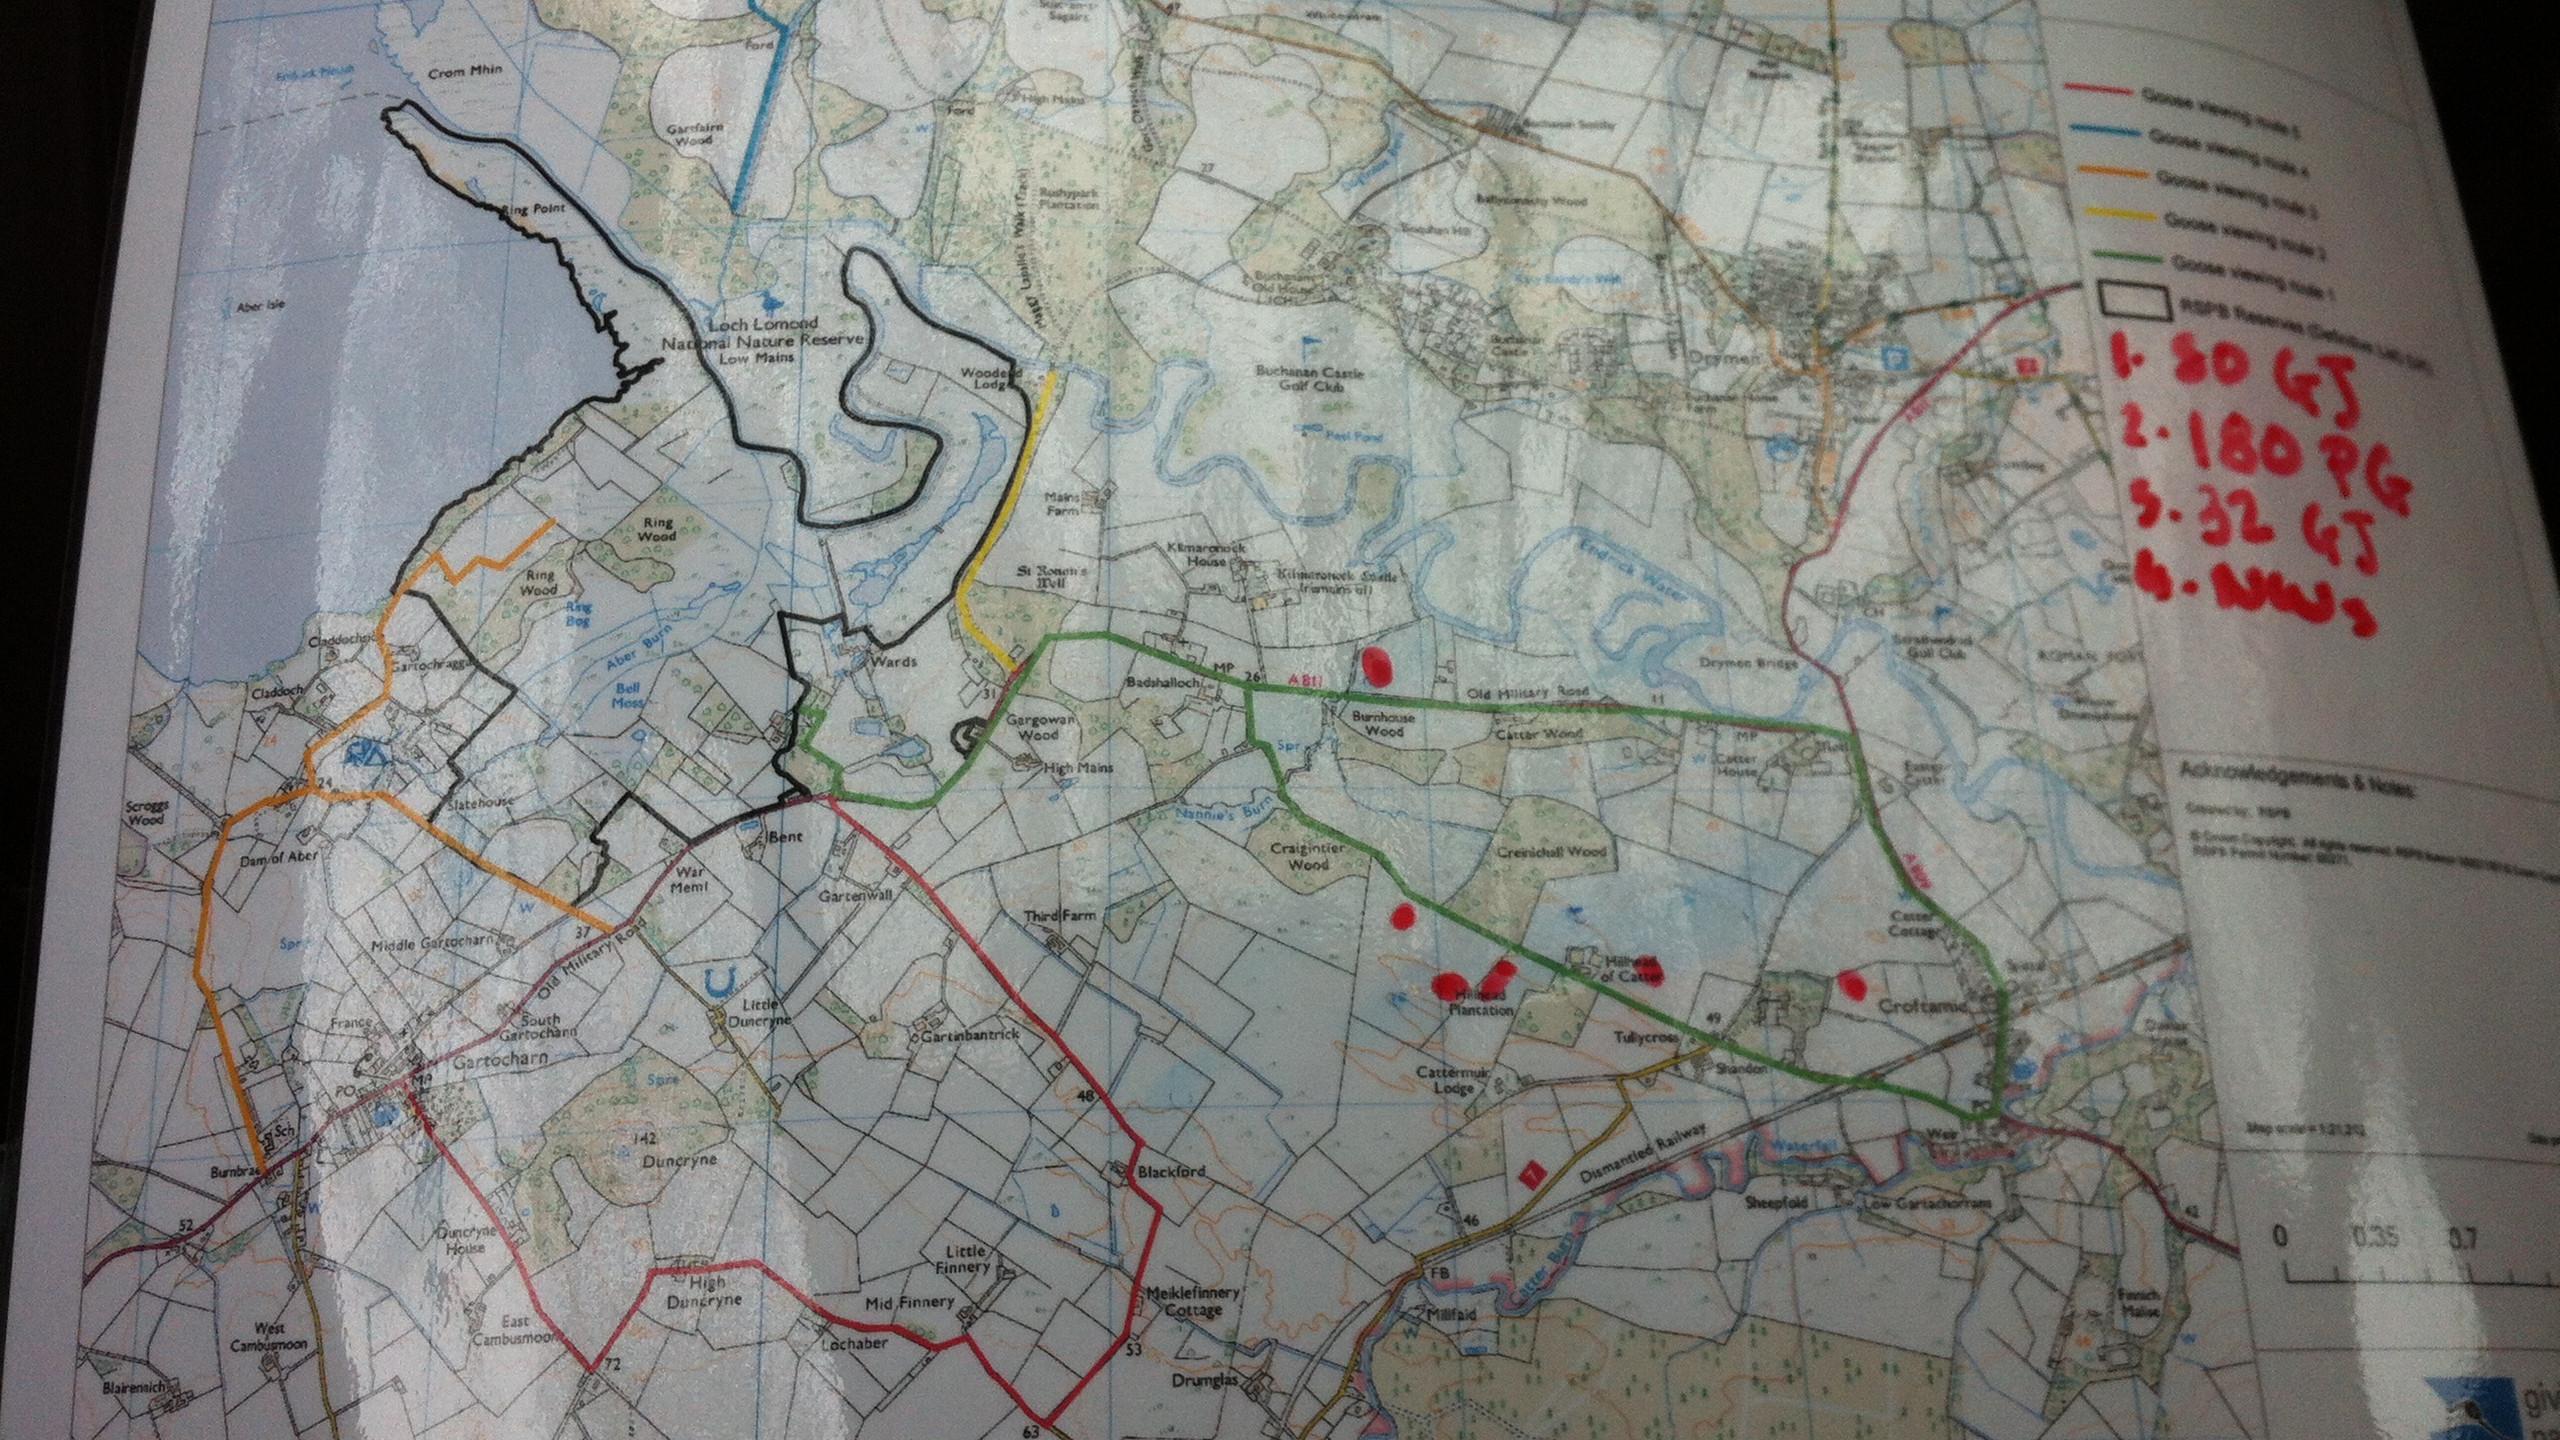 Map of RSPB Loch Lomond